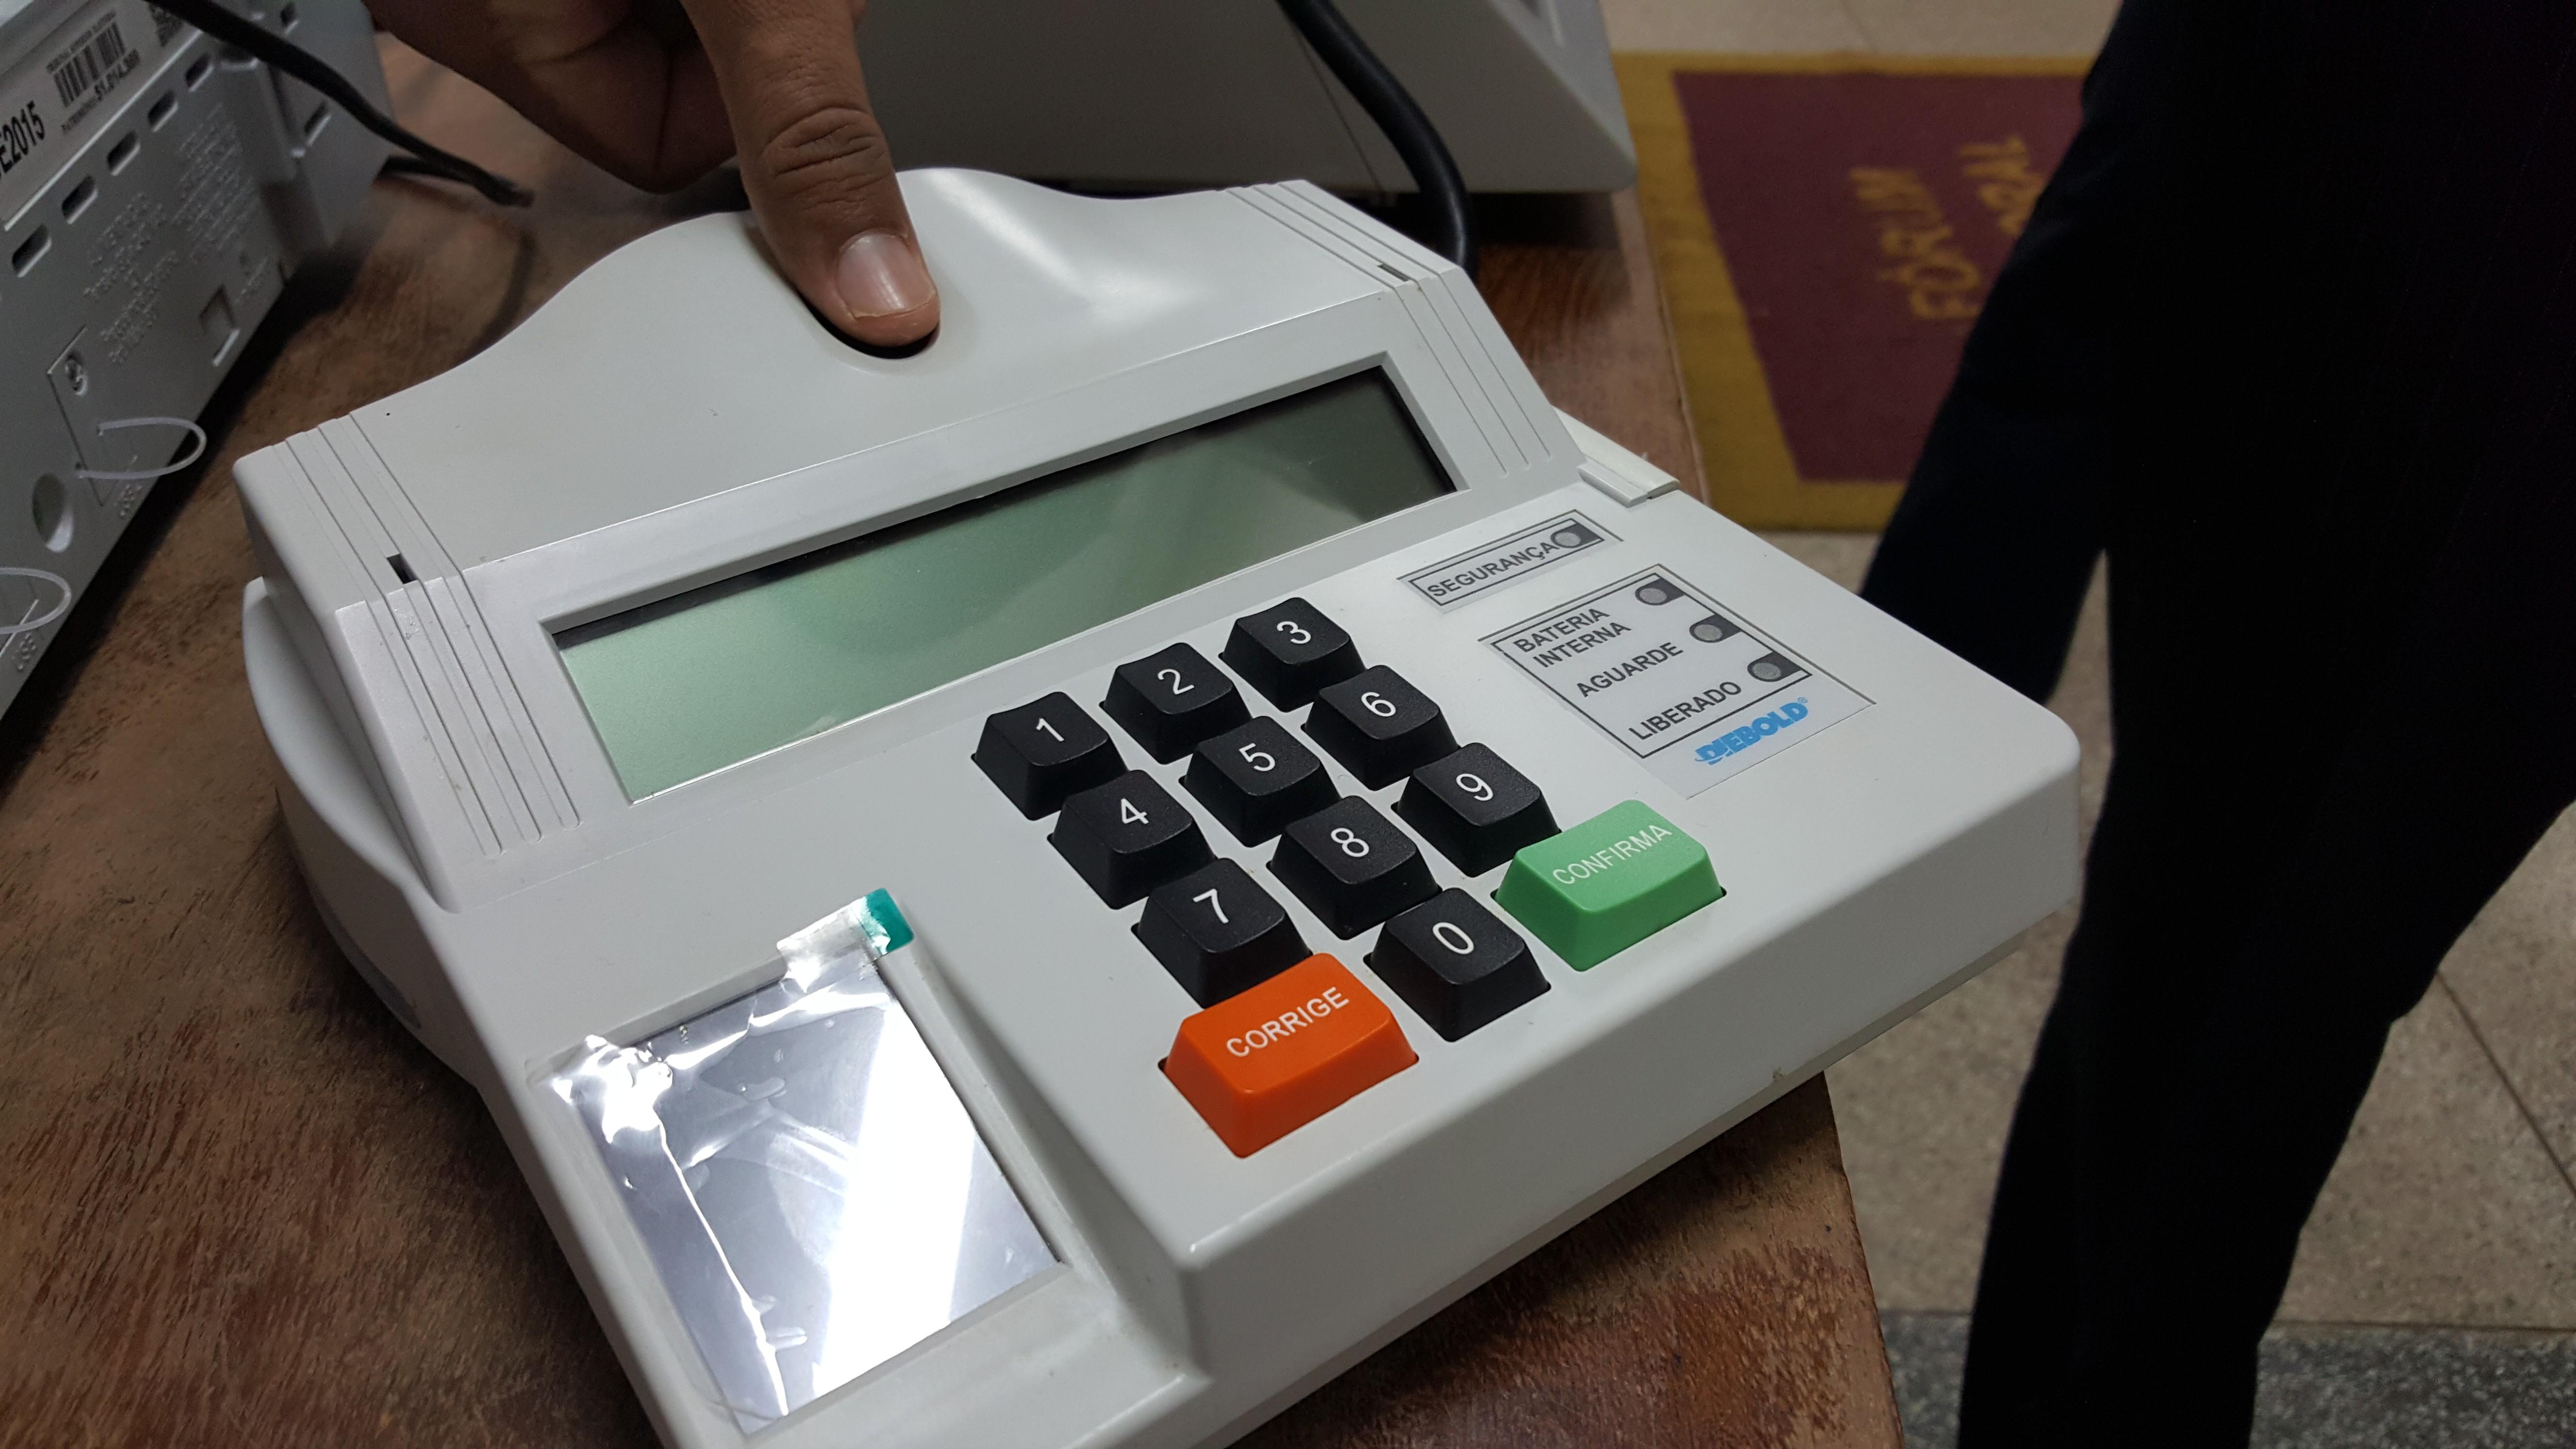 Cadastro biométrico pode ser feito até 28 de junho em shopping de Itaquaquecetuba